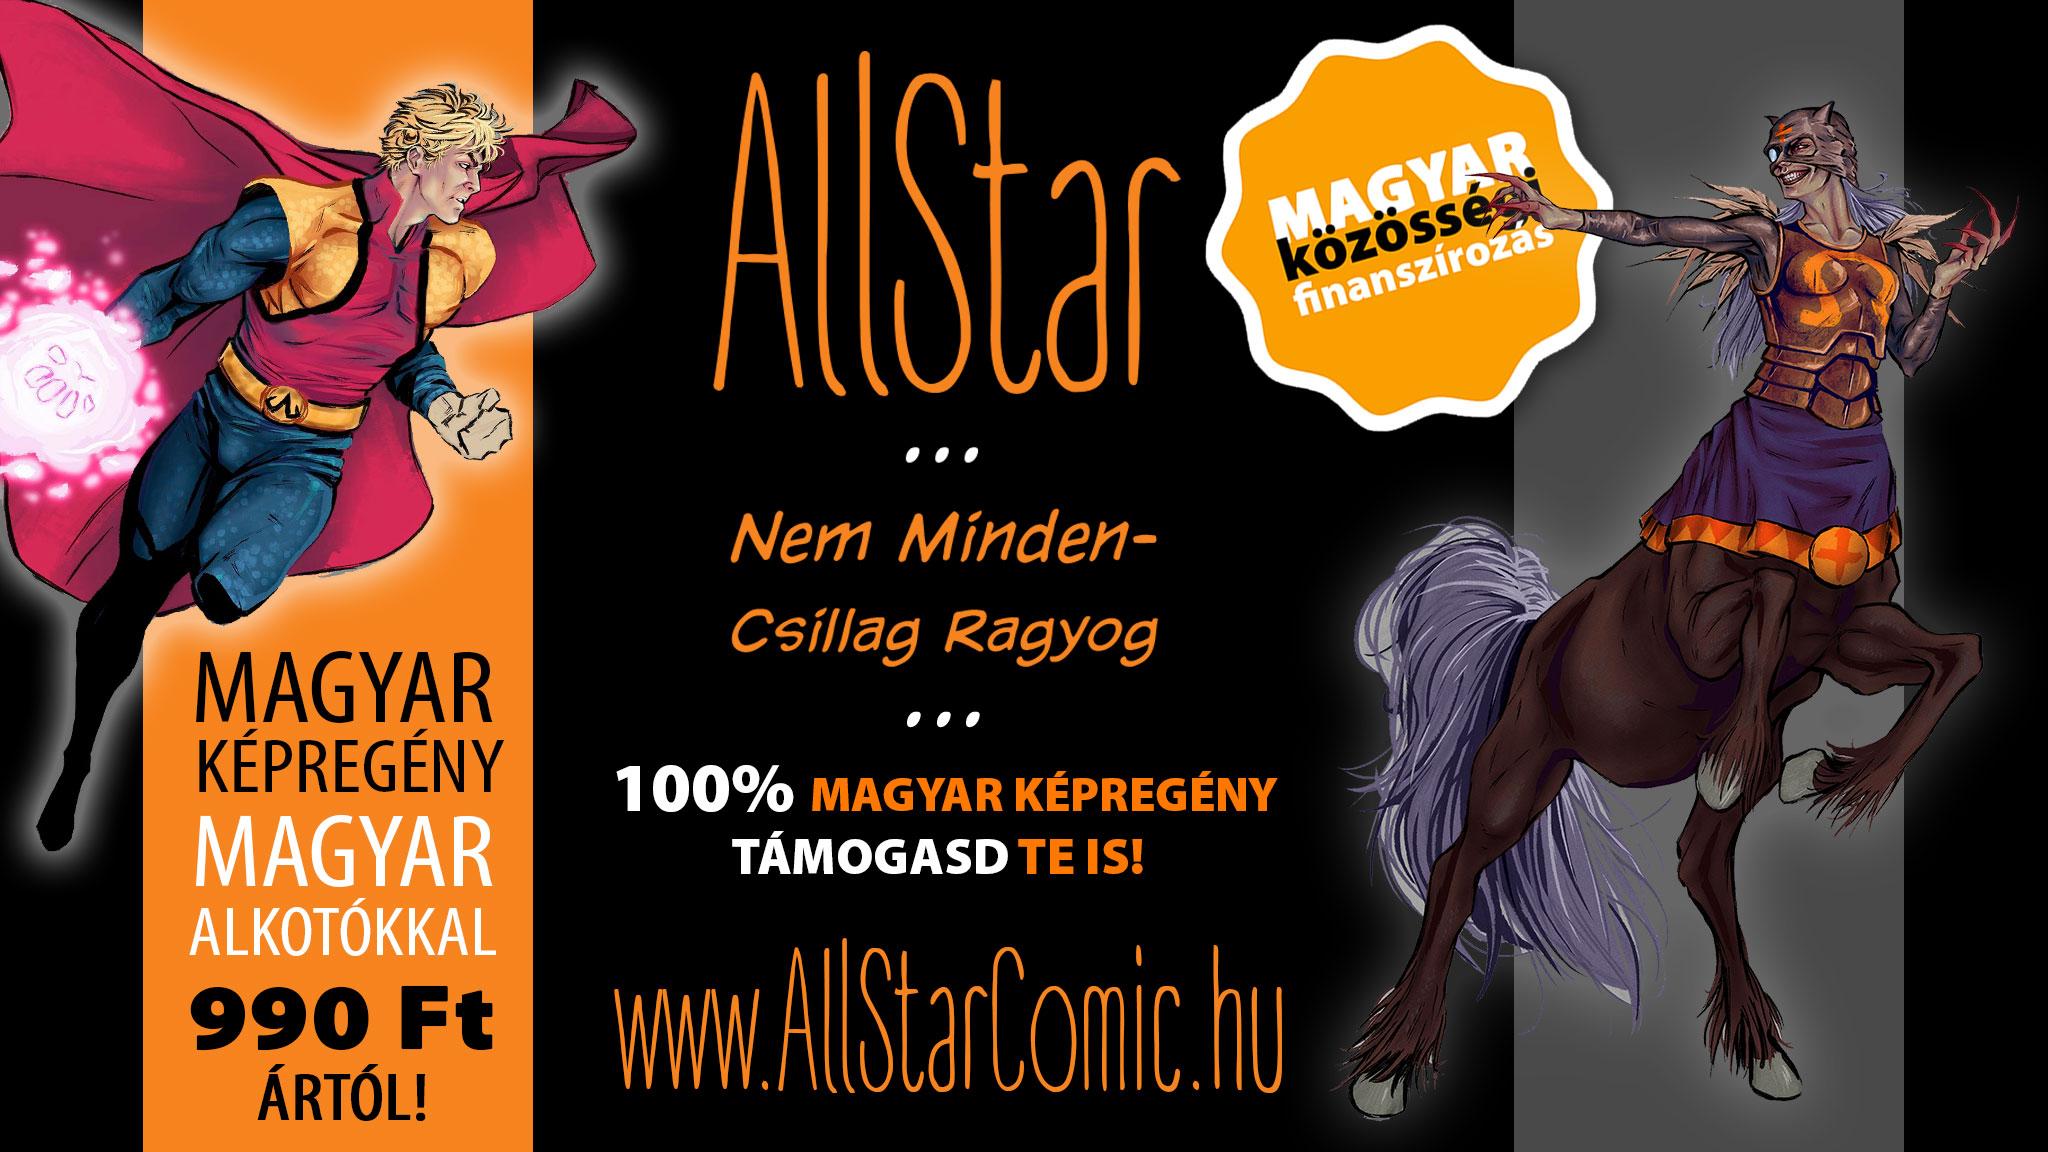 allstar-fb-esemeny6